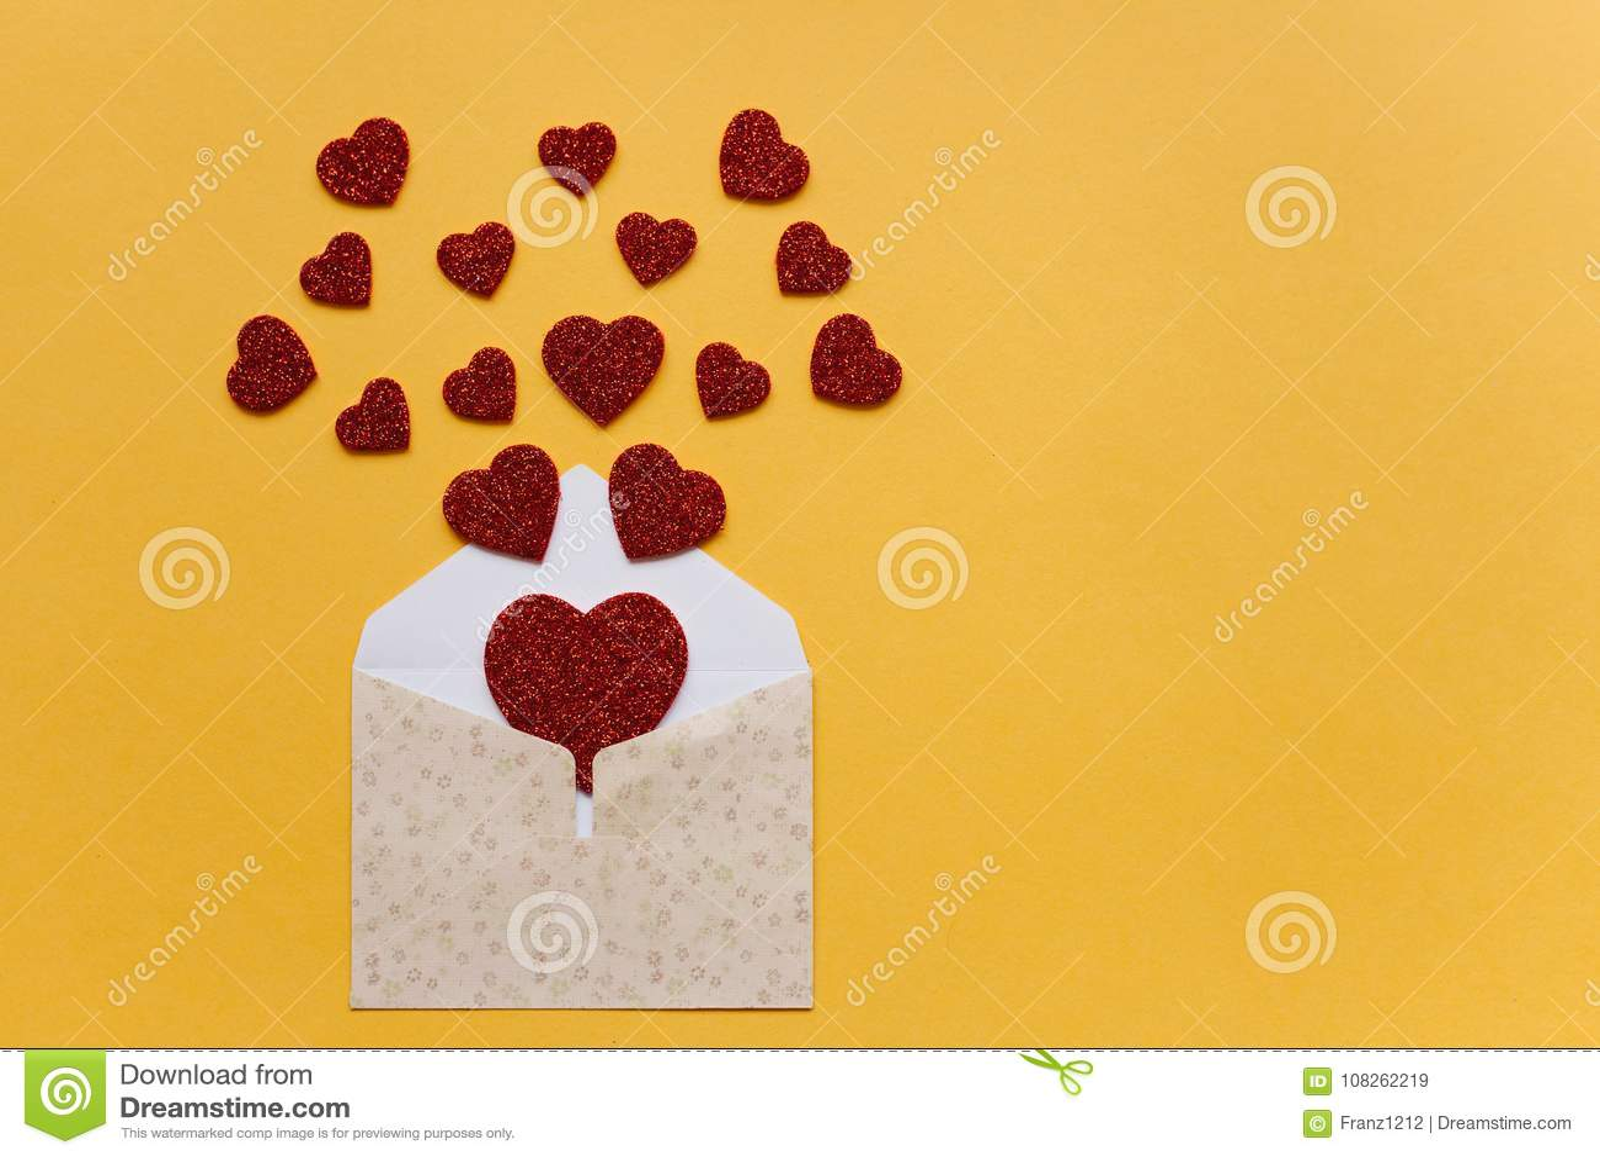 Umschlag mit Symbolen in Form von roten Herzen auf einem gelben Hintergrund feier